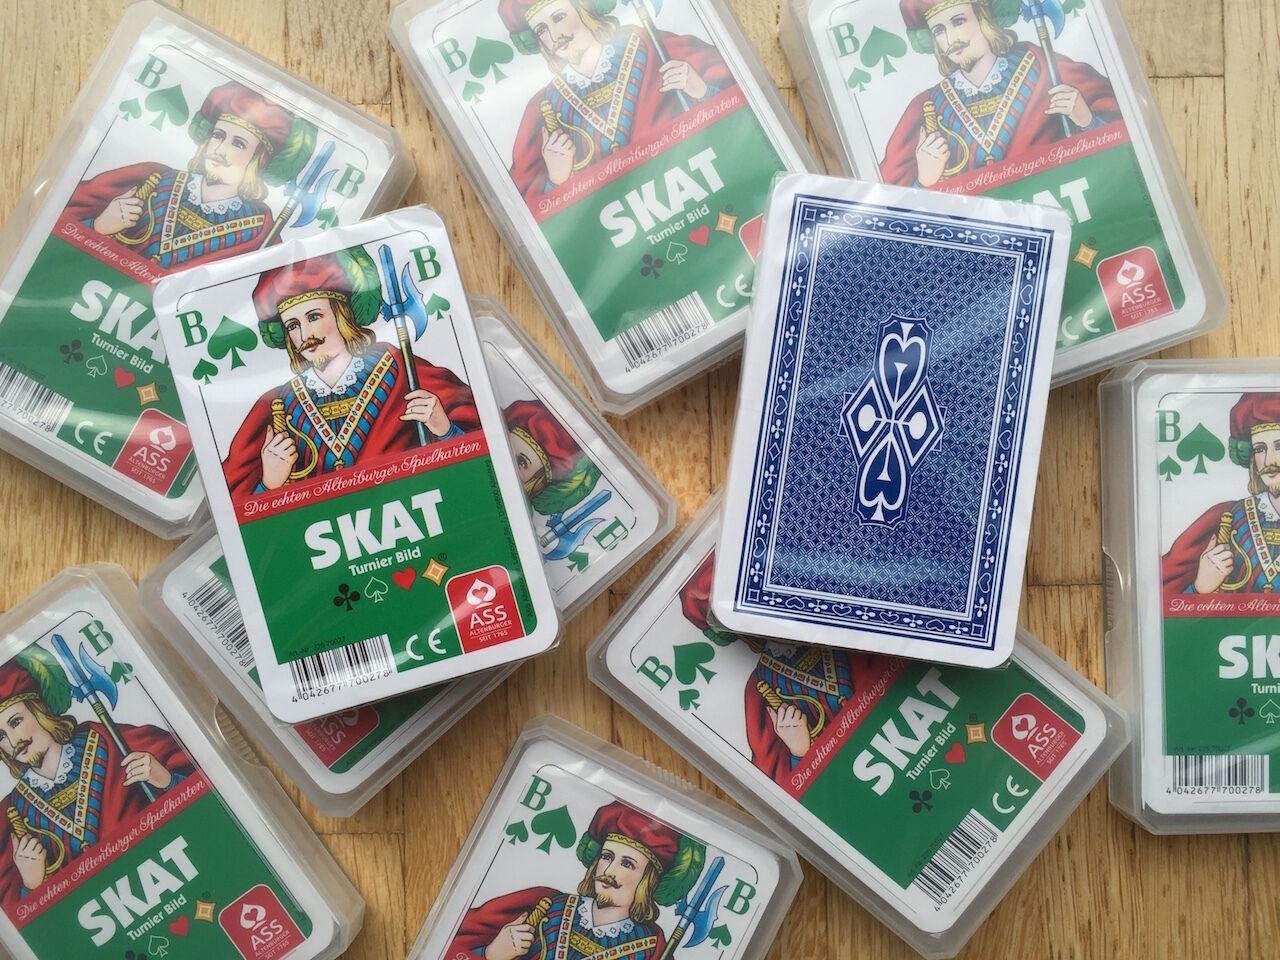 Ab  je Spiel - Skat Turnierbild Skatkarten Karten von ASS